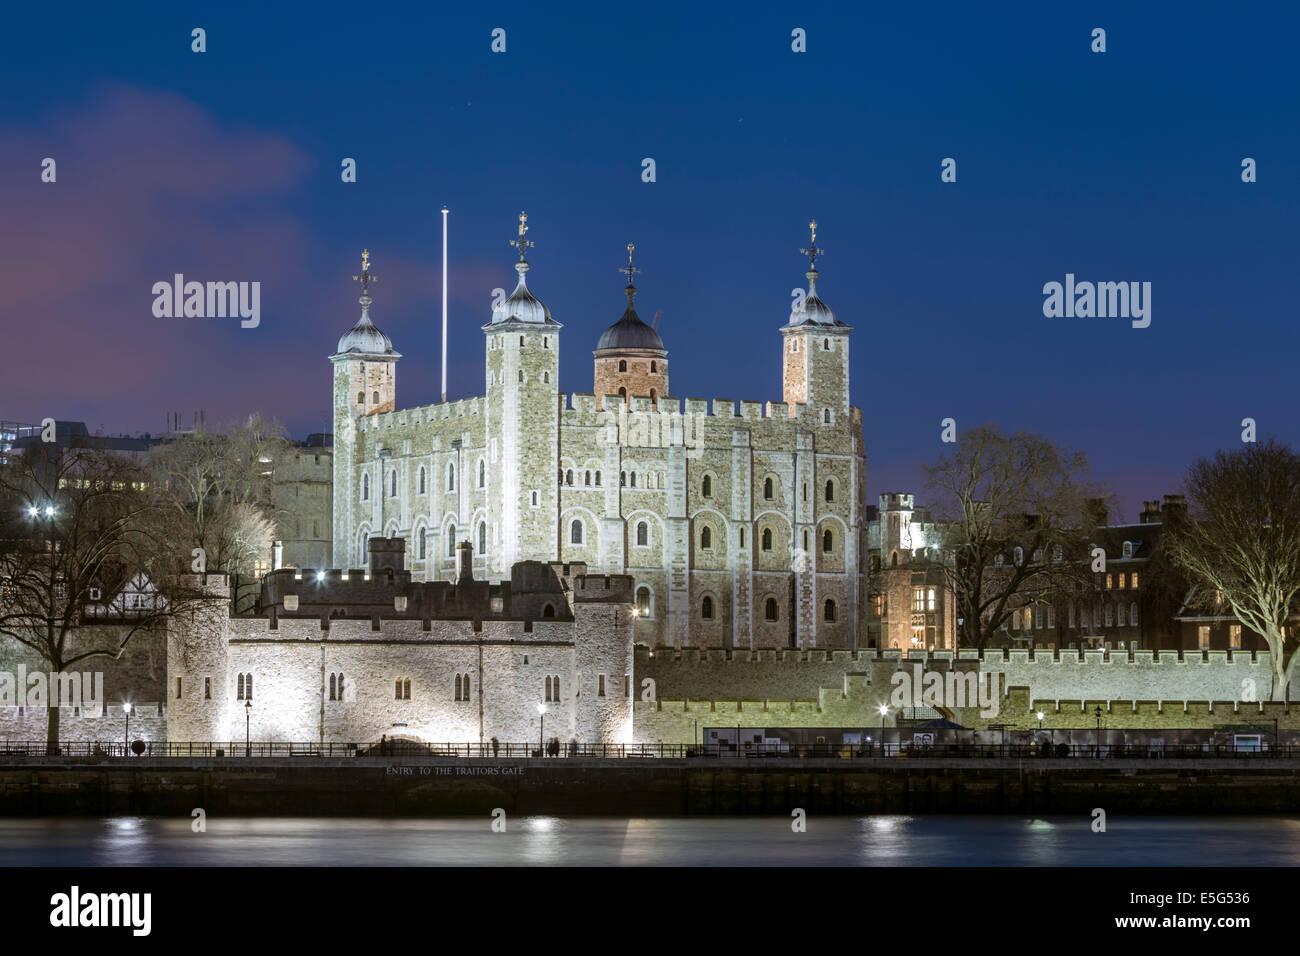 La torre del castello di Londra e il Royal Palace, un patrimonio mondiale dell'UNESCO, illuminata di notte, Immagini Stock